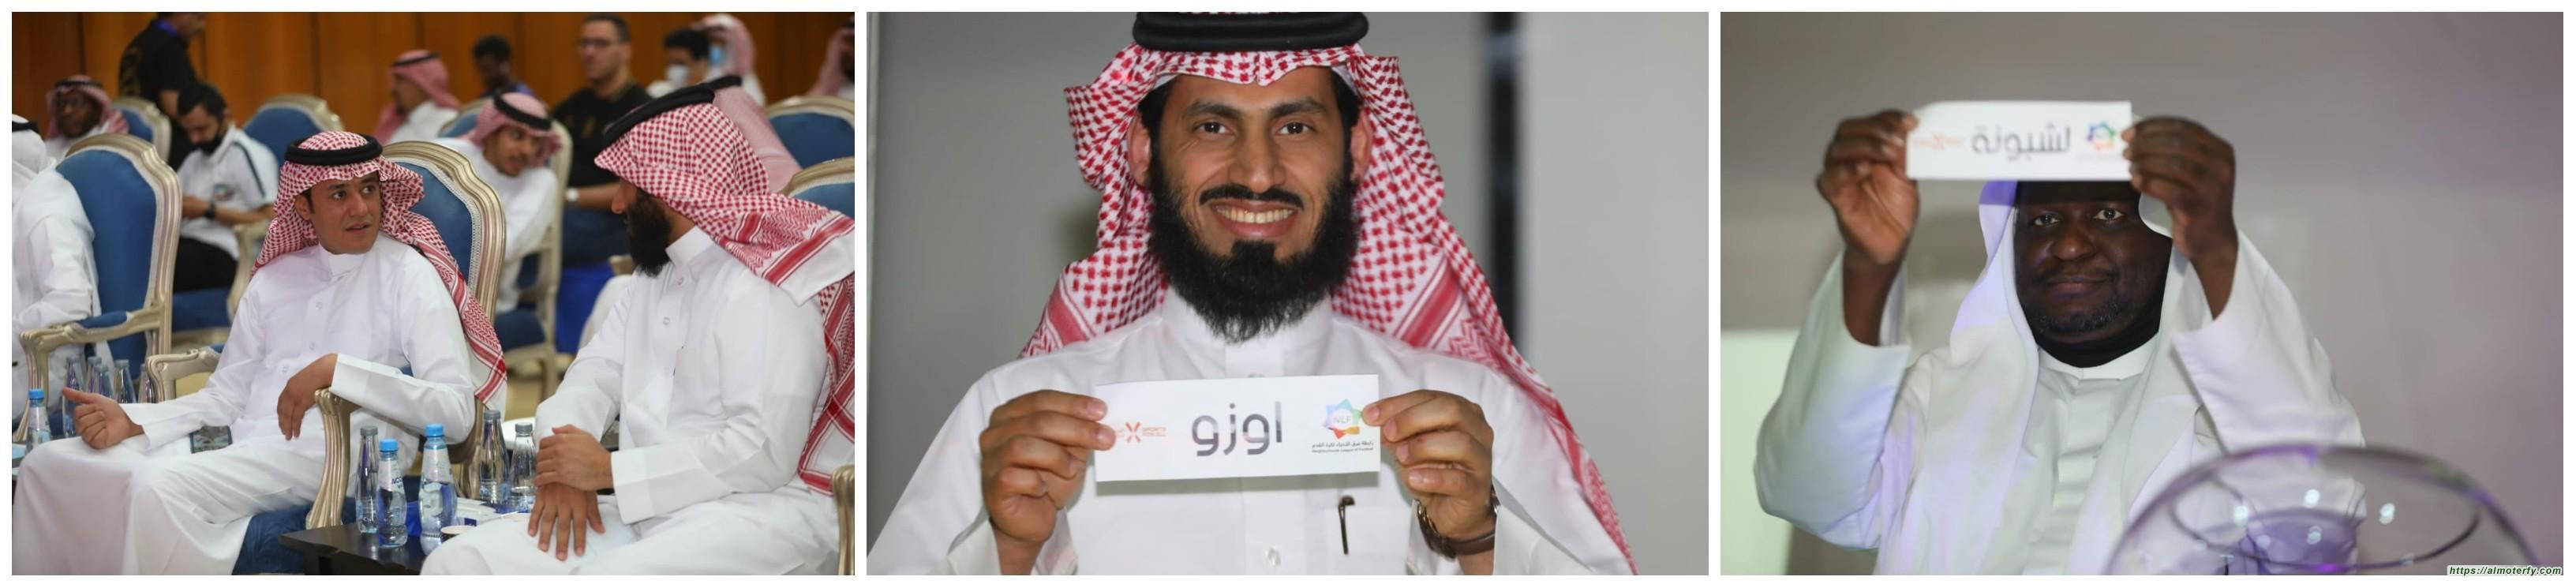 36 فريقا في قرعة رابطة أحياء الرياض لكرة القدم